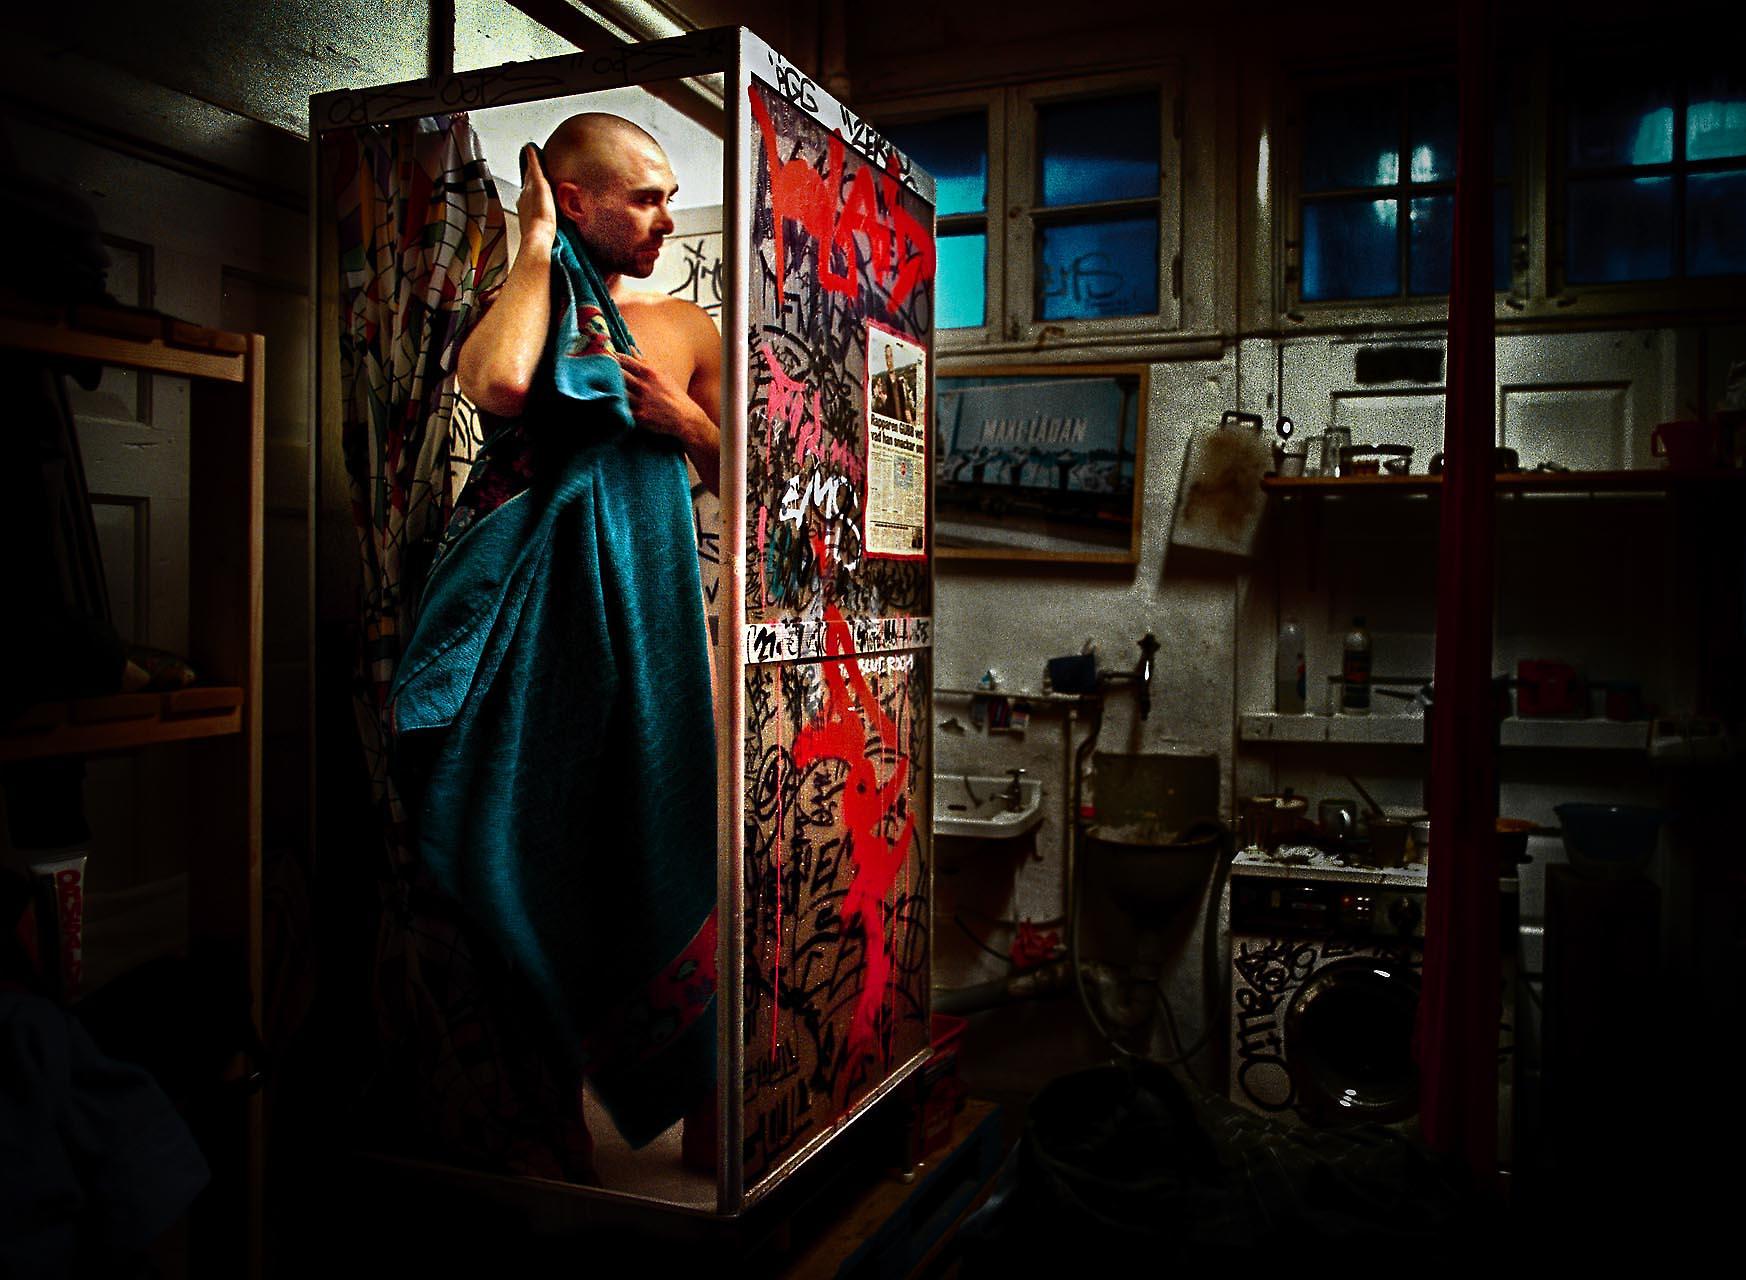 02.11.16./SIPO/ JOEL ALTER, GRAFFITIMÅLARE I GÖTEBORG.